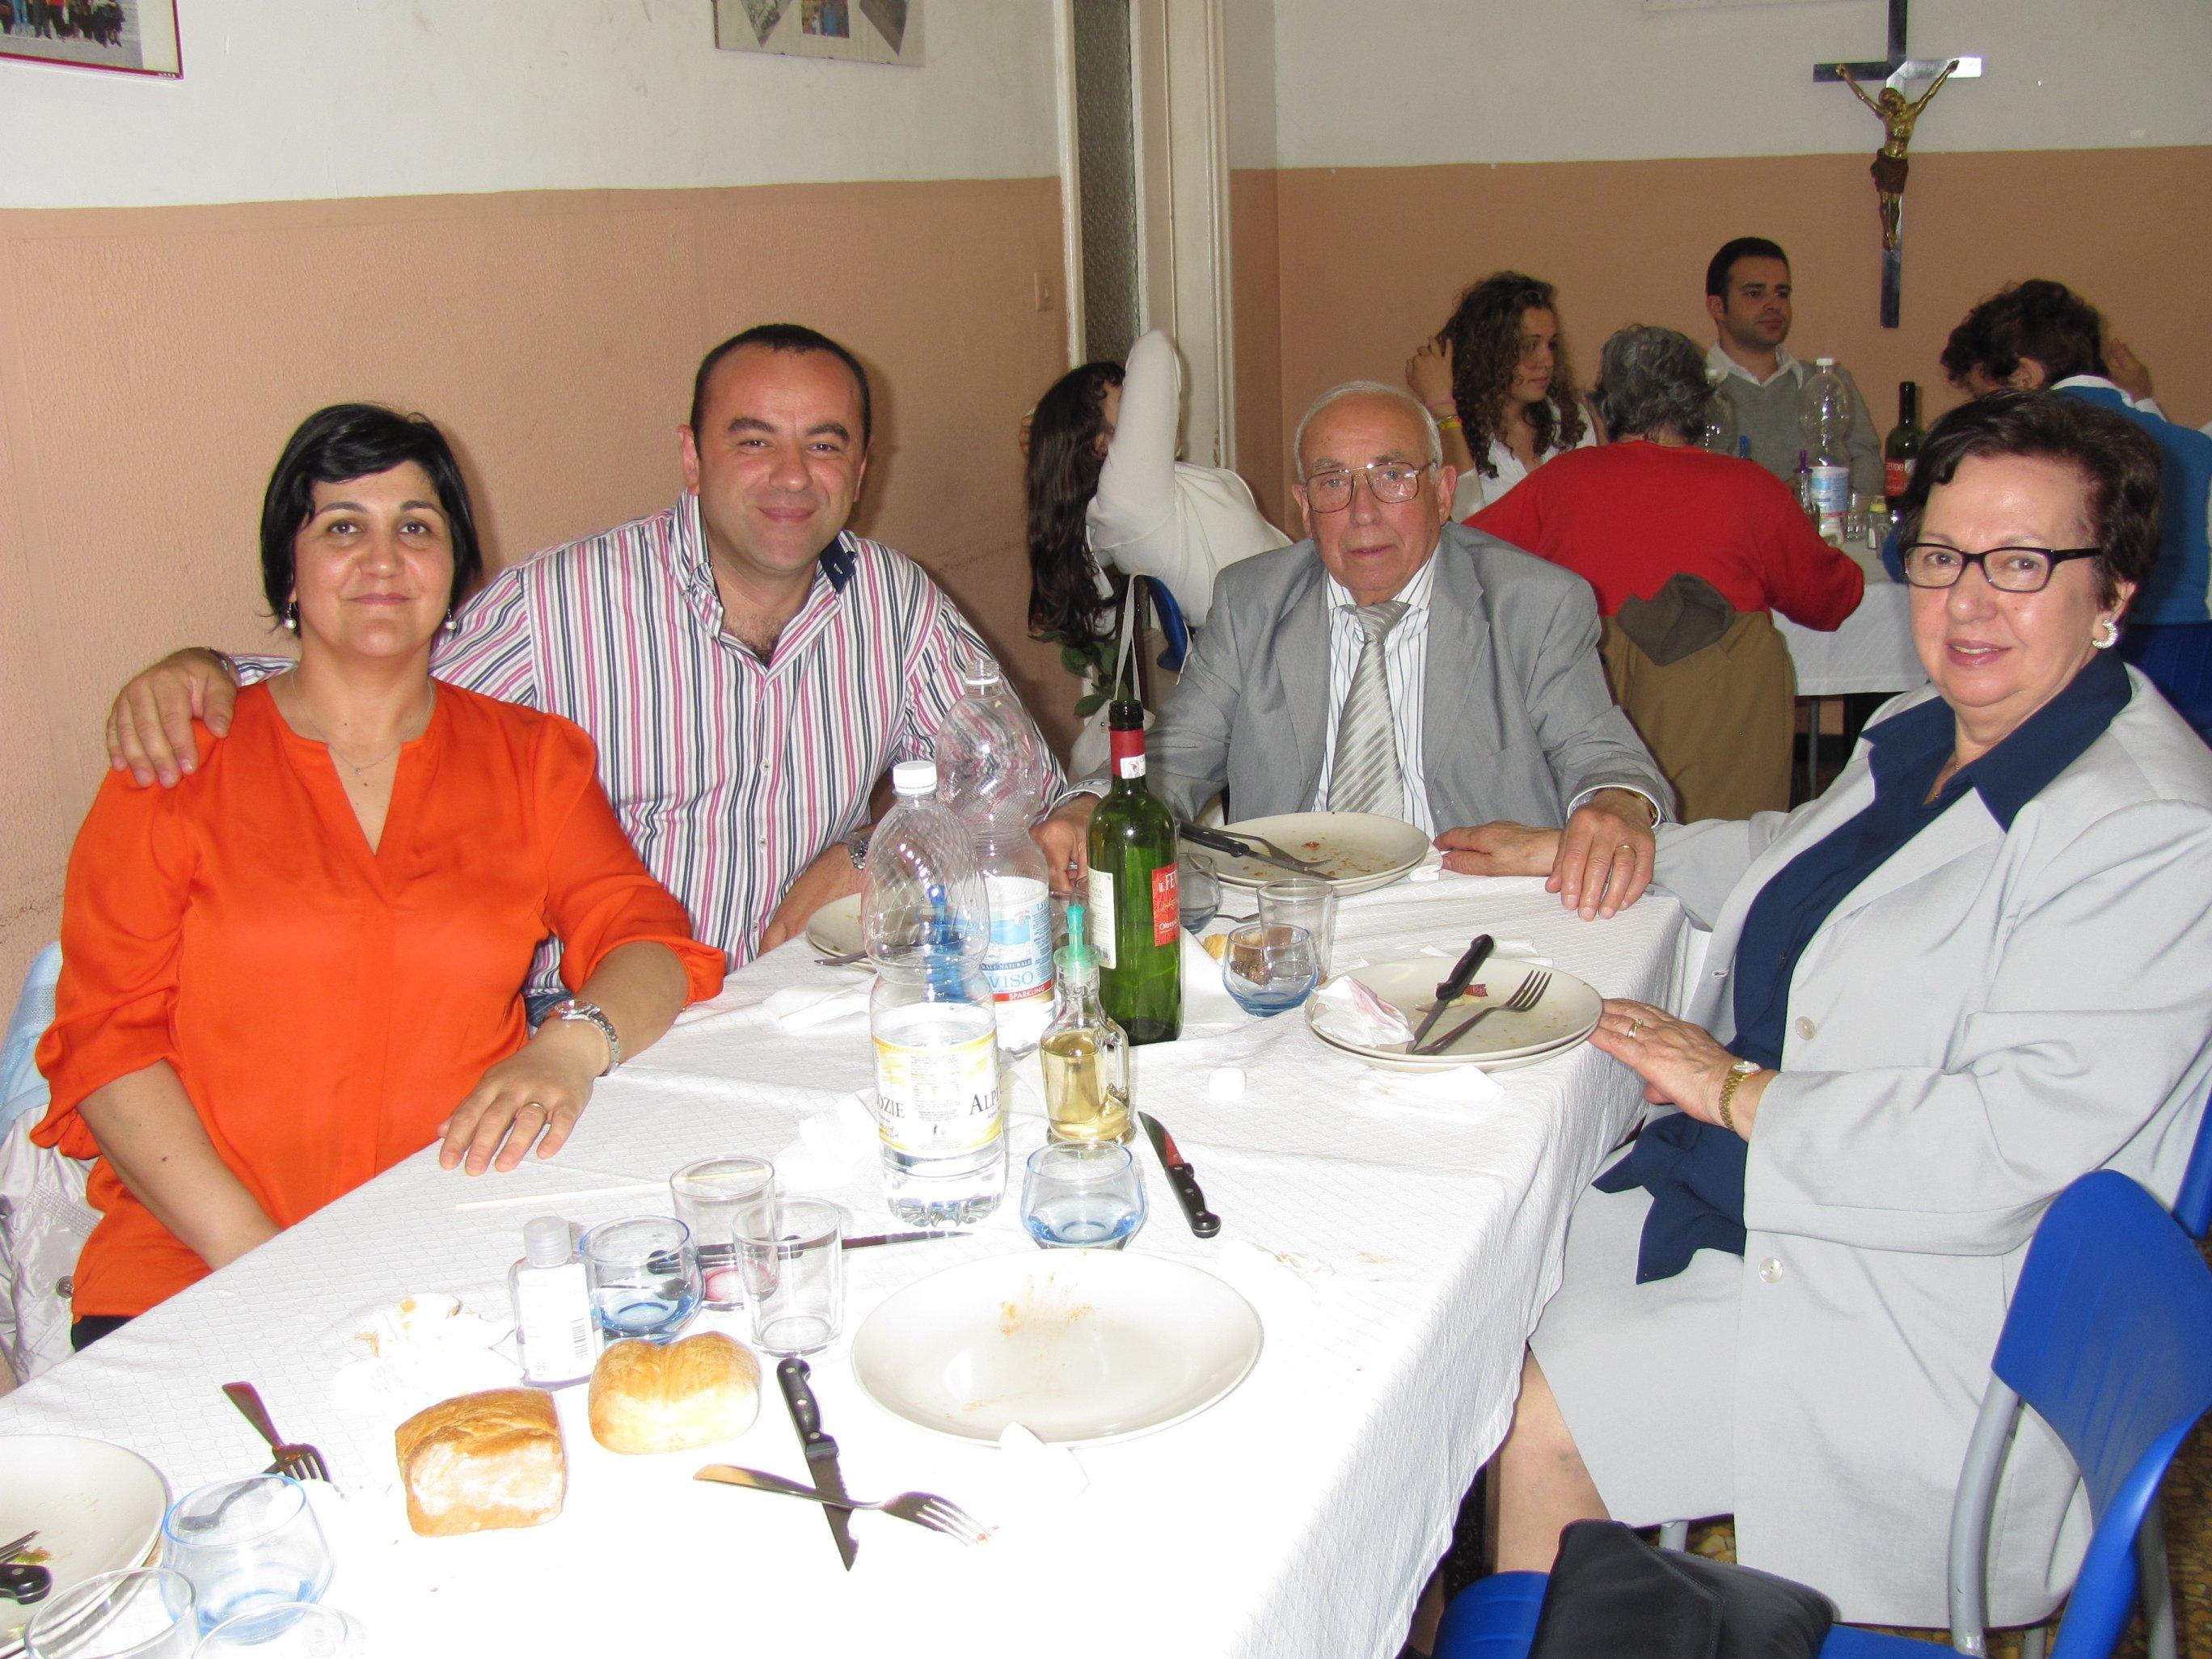 anniversari_di_matrimonio_e_di_ordinazione_2012-06-03-13-15-10